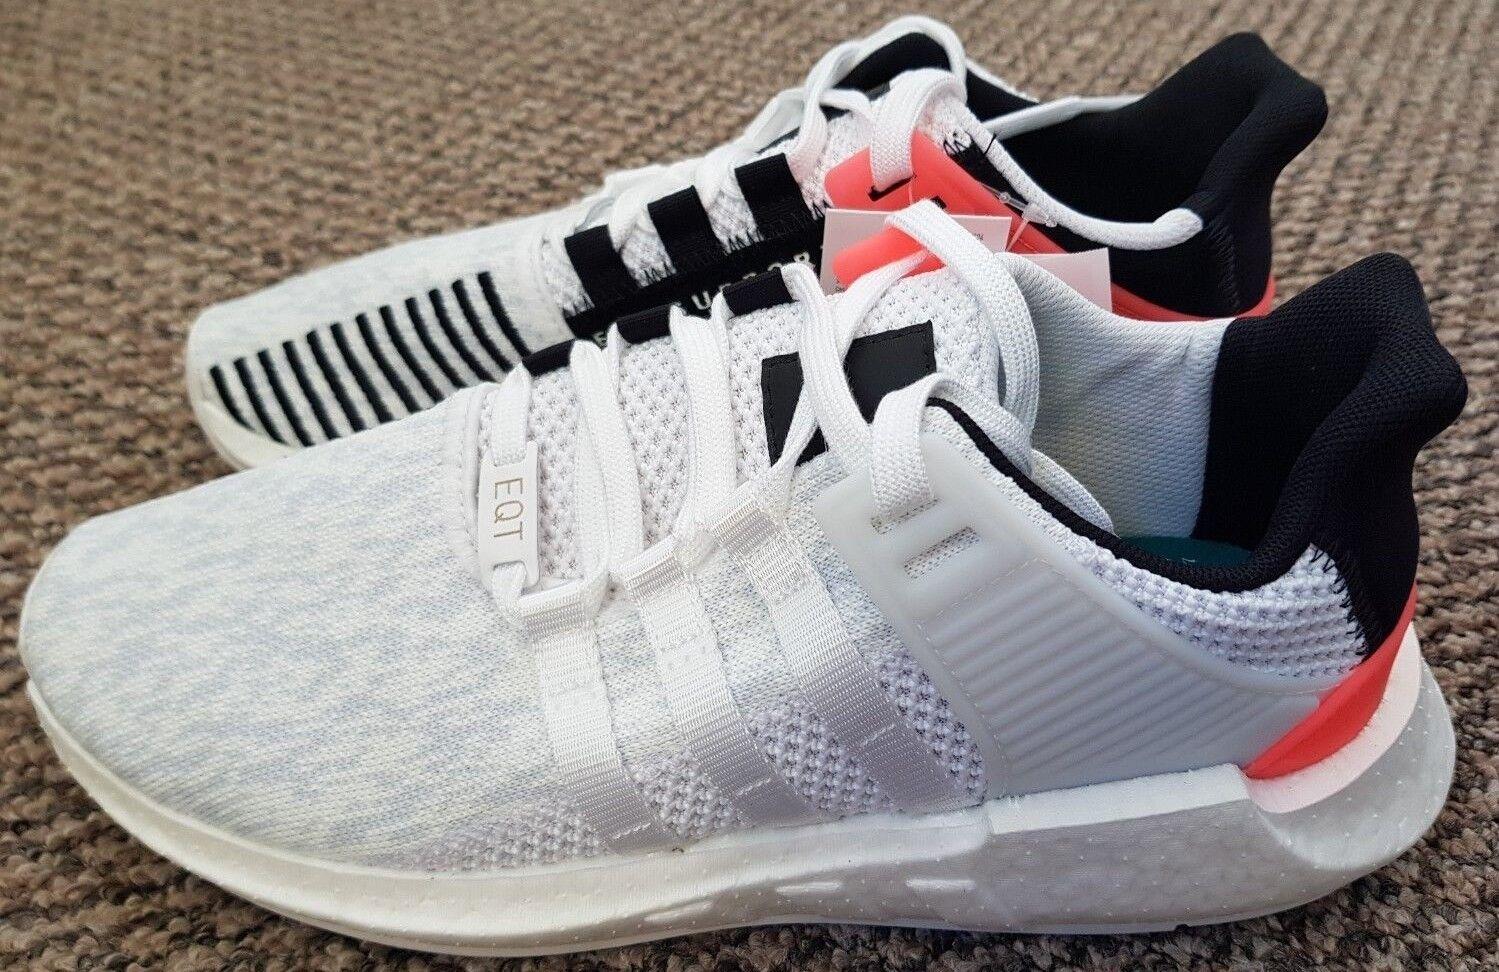 aquí tiene la última Adidas Originales EQT Soporte Boost 93 93 93 17 Nuevo Y en Caja Especial Ultra cómoda blancooo Reino Unido 9.5  tienda hace compras y ventas